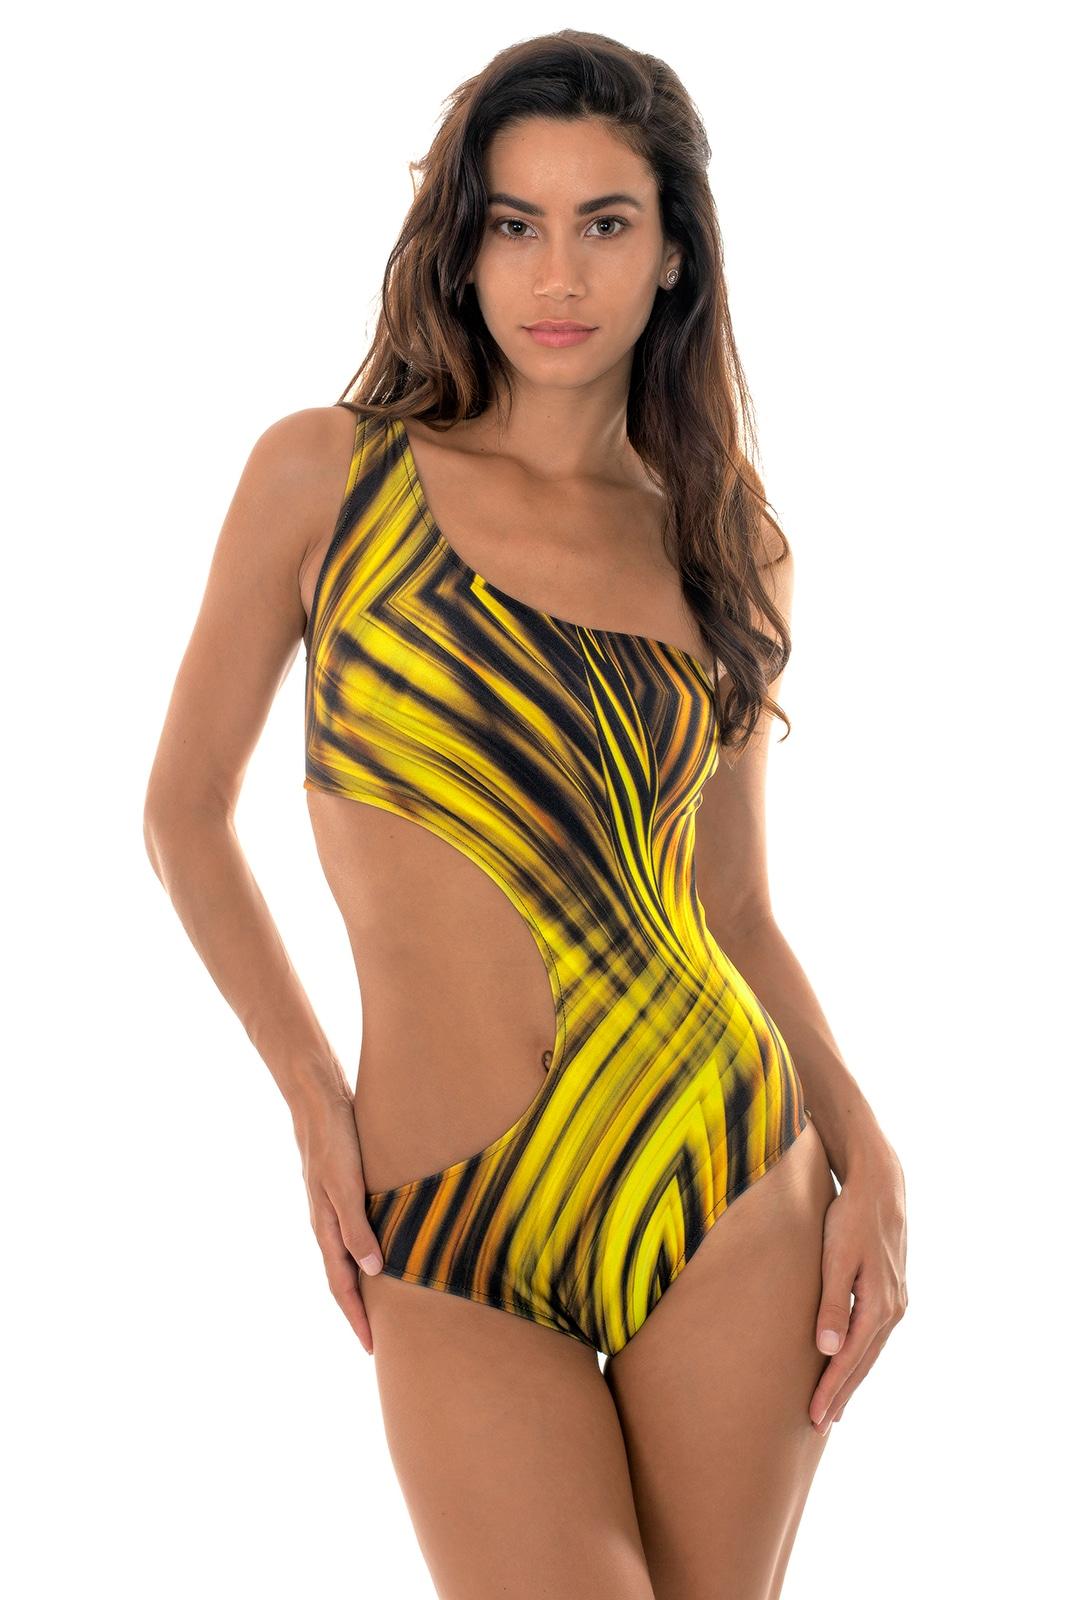 Rio de Sol maillot de bain 1 piece dore asymetrique one shoulder Acheter Pas Cher De Haute Qualité Acheter Pas Cher Pas Cher incroyable dHqhwP